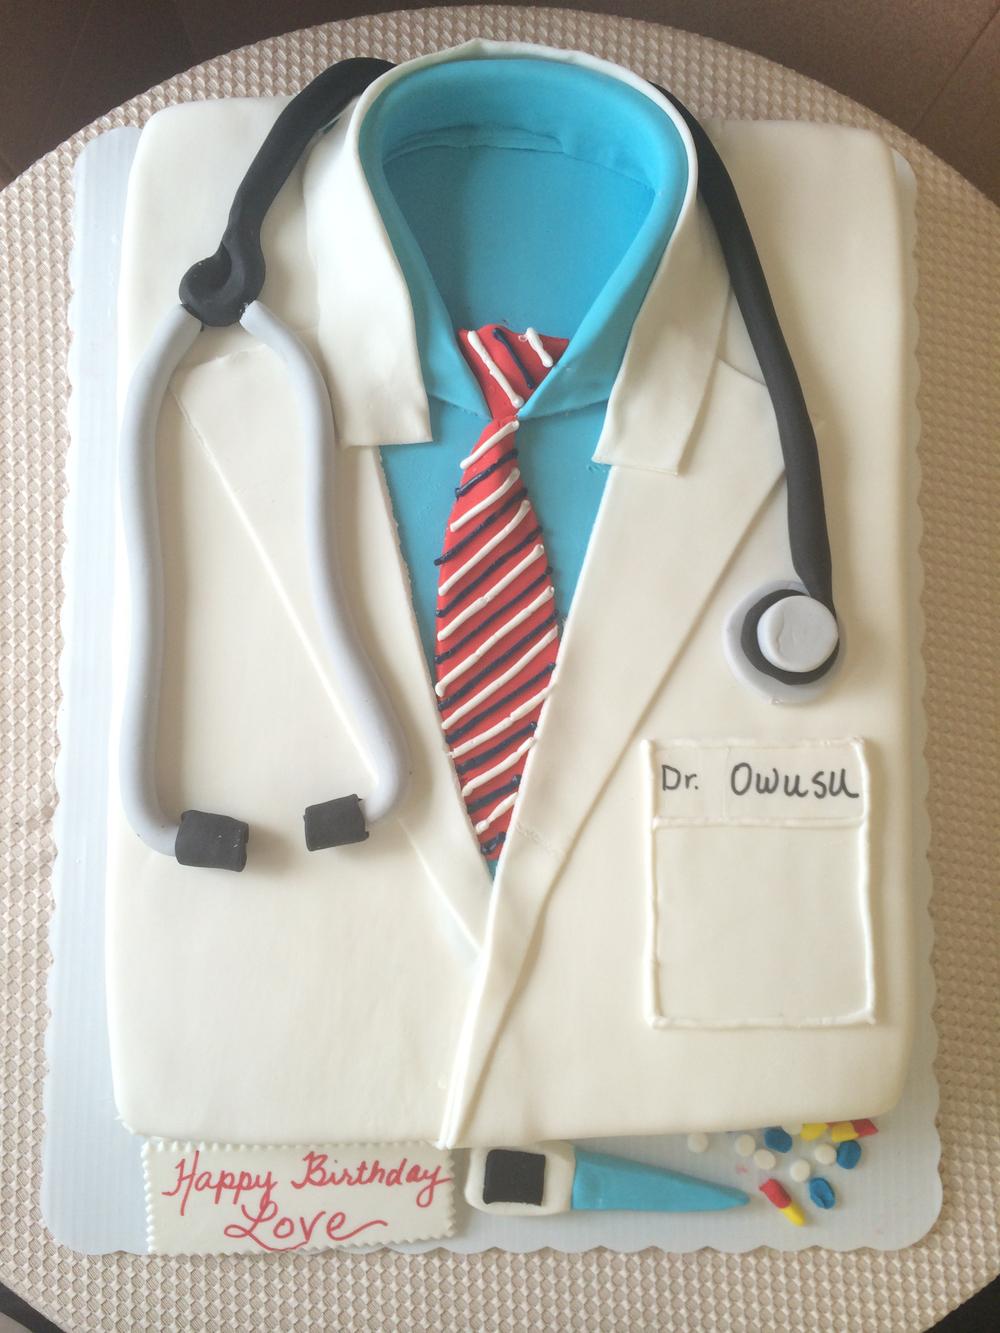 fondantdrshirttie.stethoscope.JPG